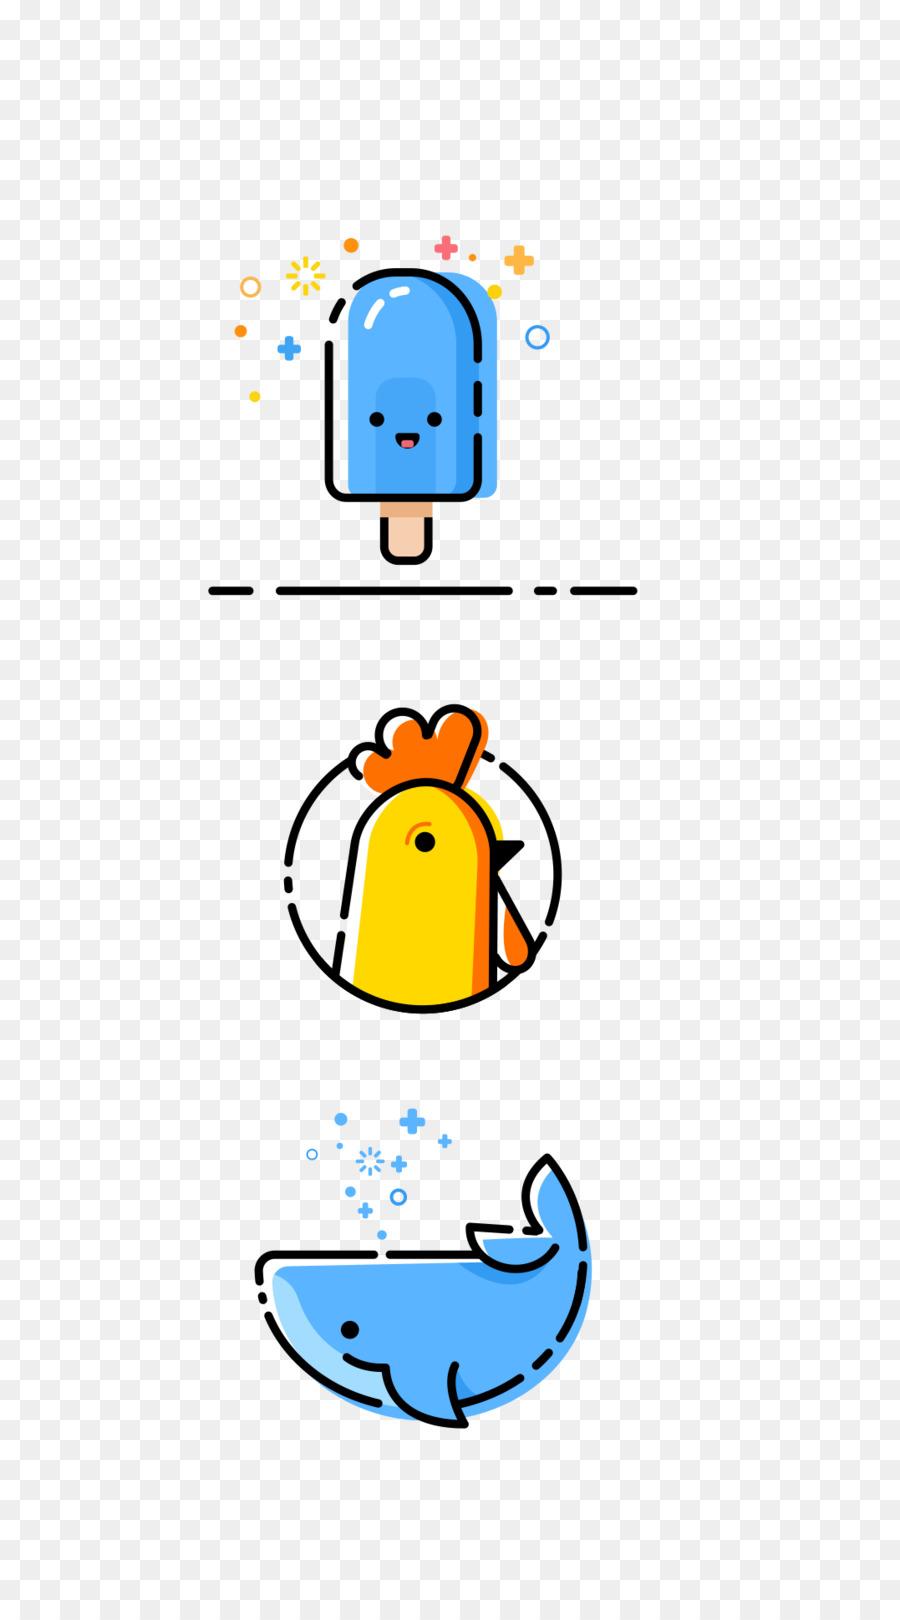 Descarga gratuita de Animal, De Dibujos Animados, Animación imágenes PNG